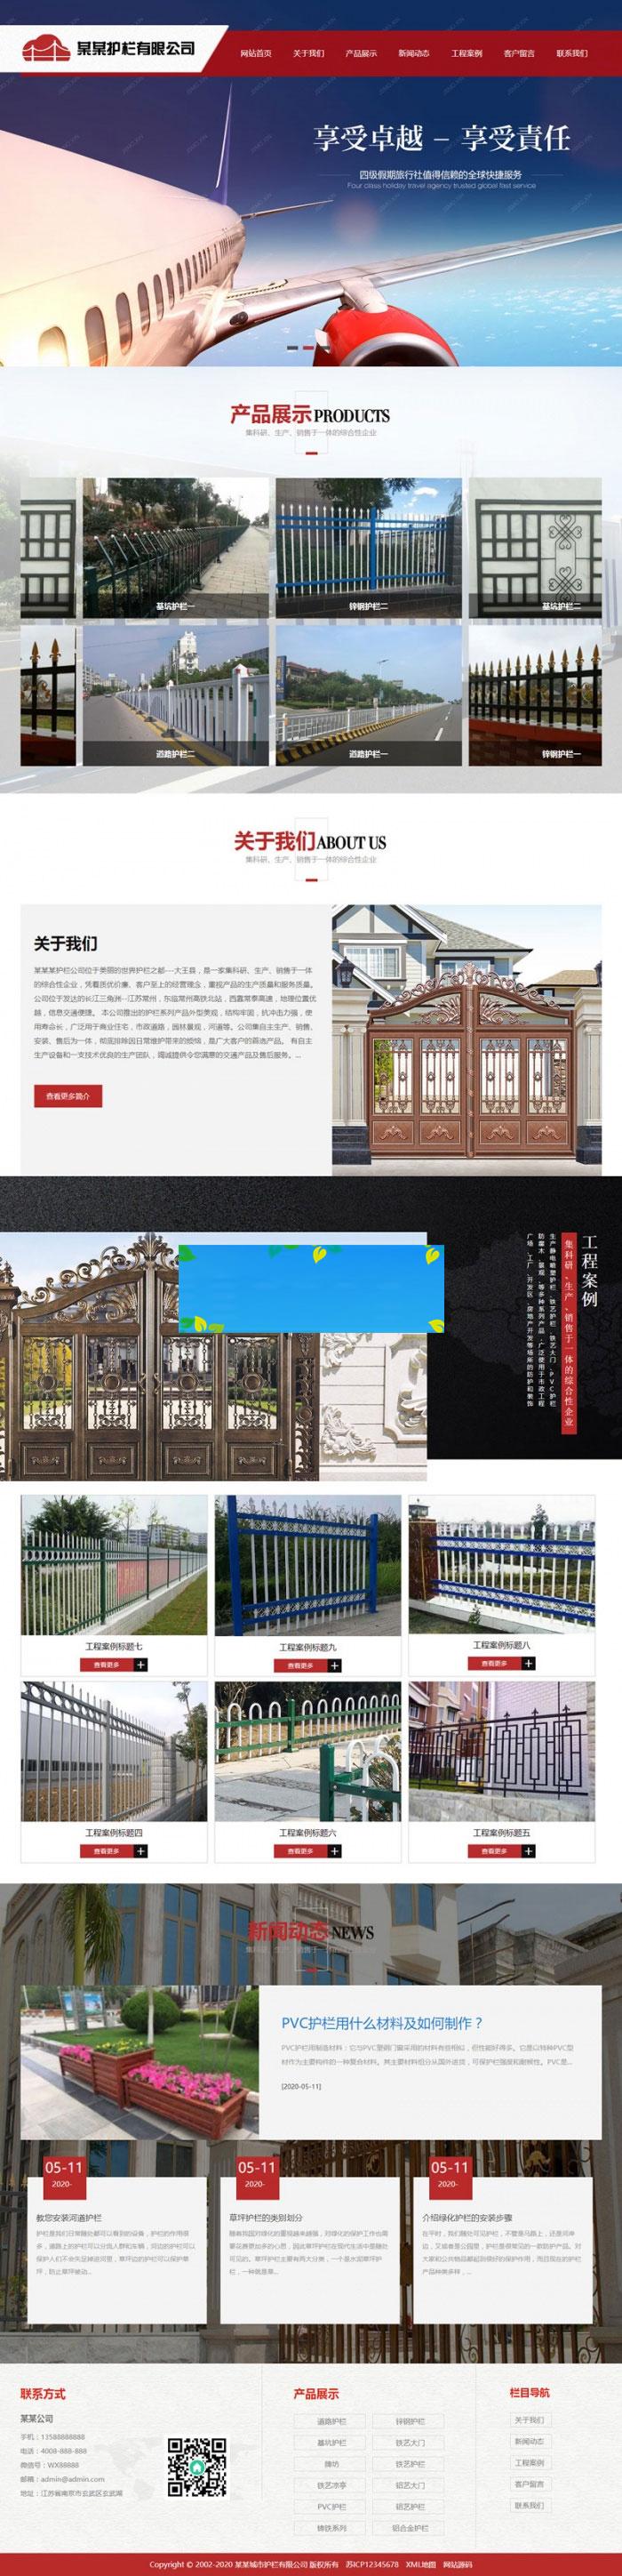 织梦dedecms道路护栏交通设施公司网站模板(带手机移动端)